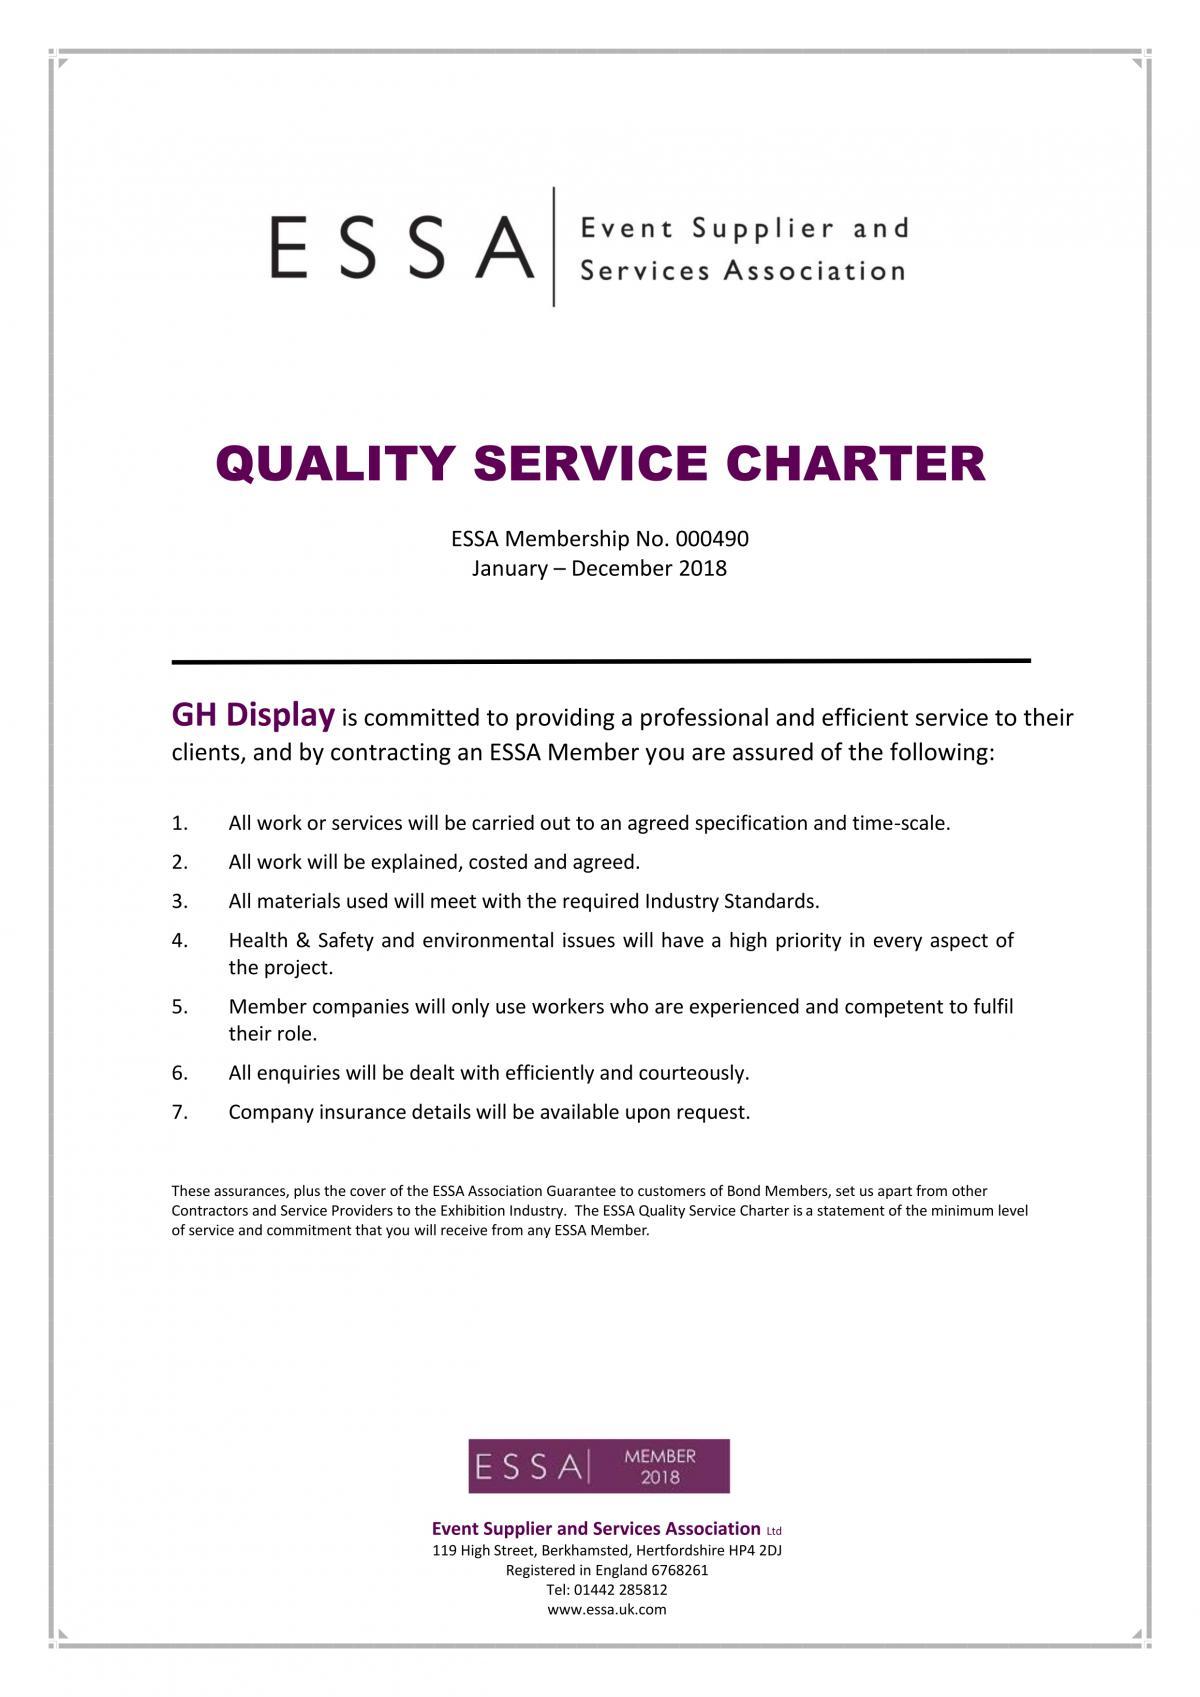 Quality Charter ESSA Member 2018